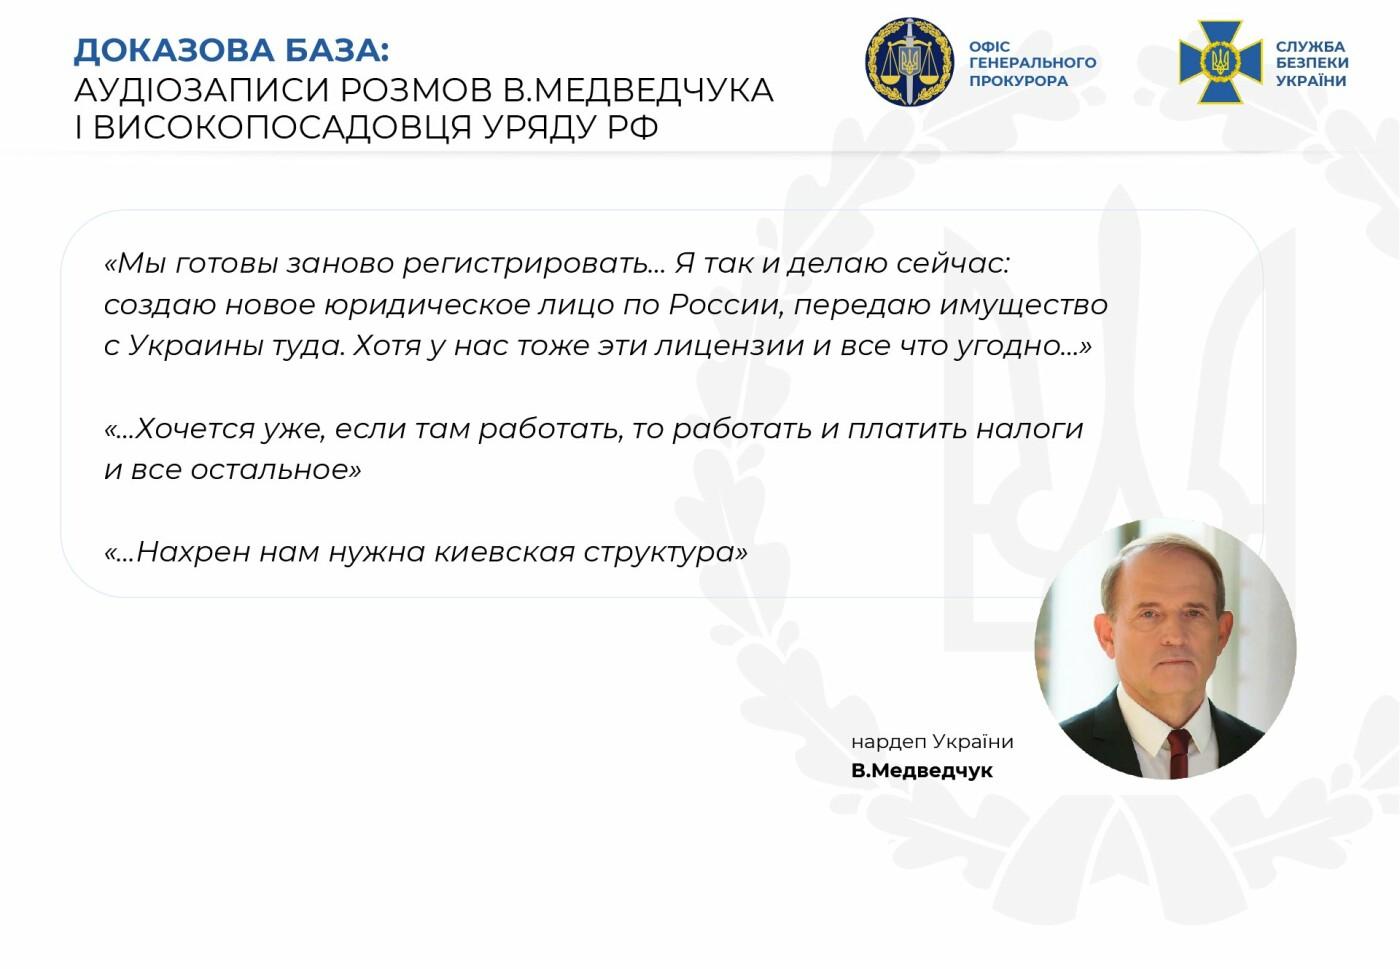 Передача секретных данных о ВСУ и разграбление ресурсов в Крыму: СБУ рассказала подробности подозрения в госизмене Медведчука, - ФОТО, ВИДЕО, фото-3